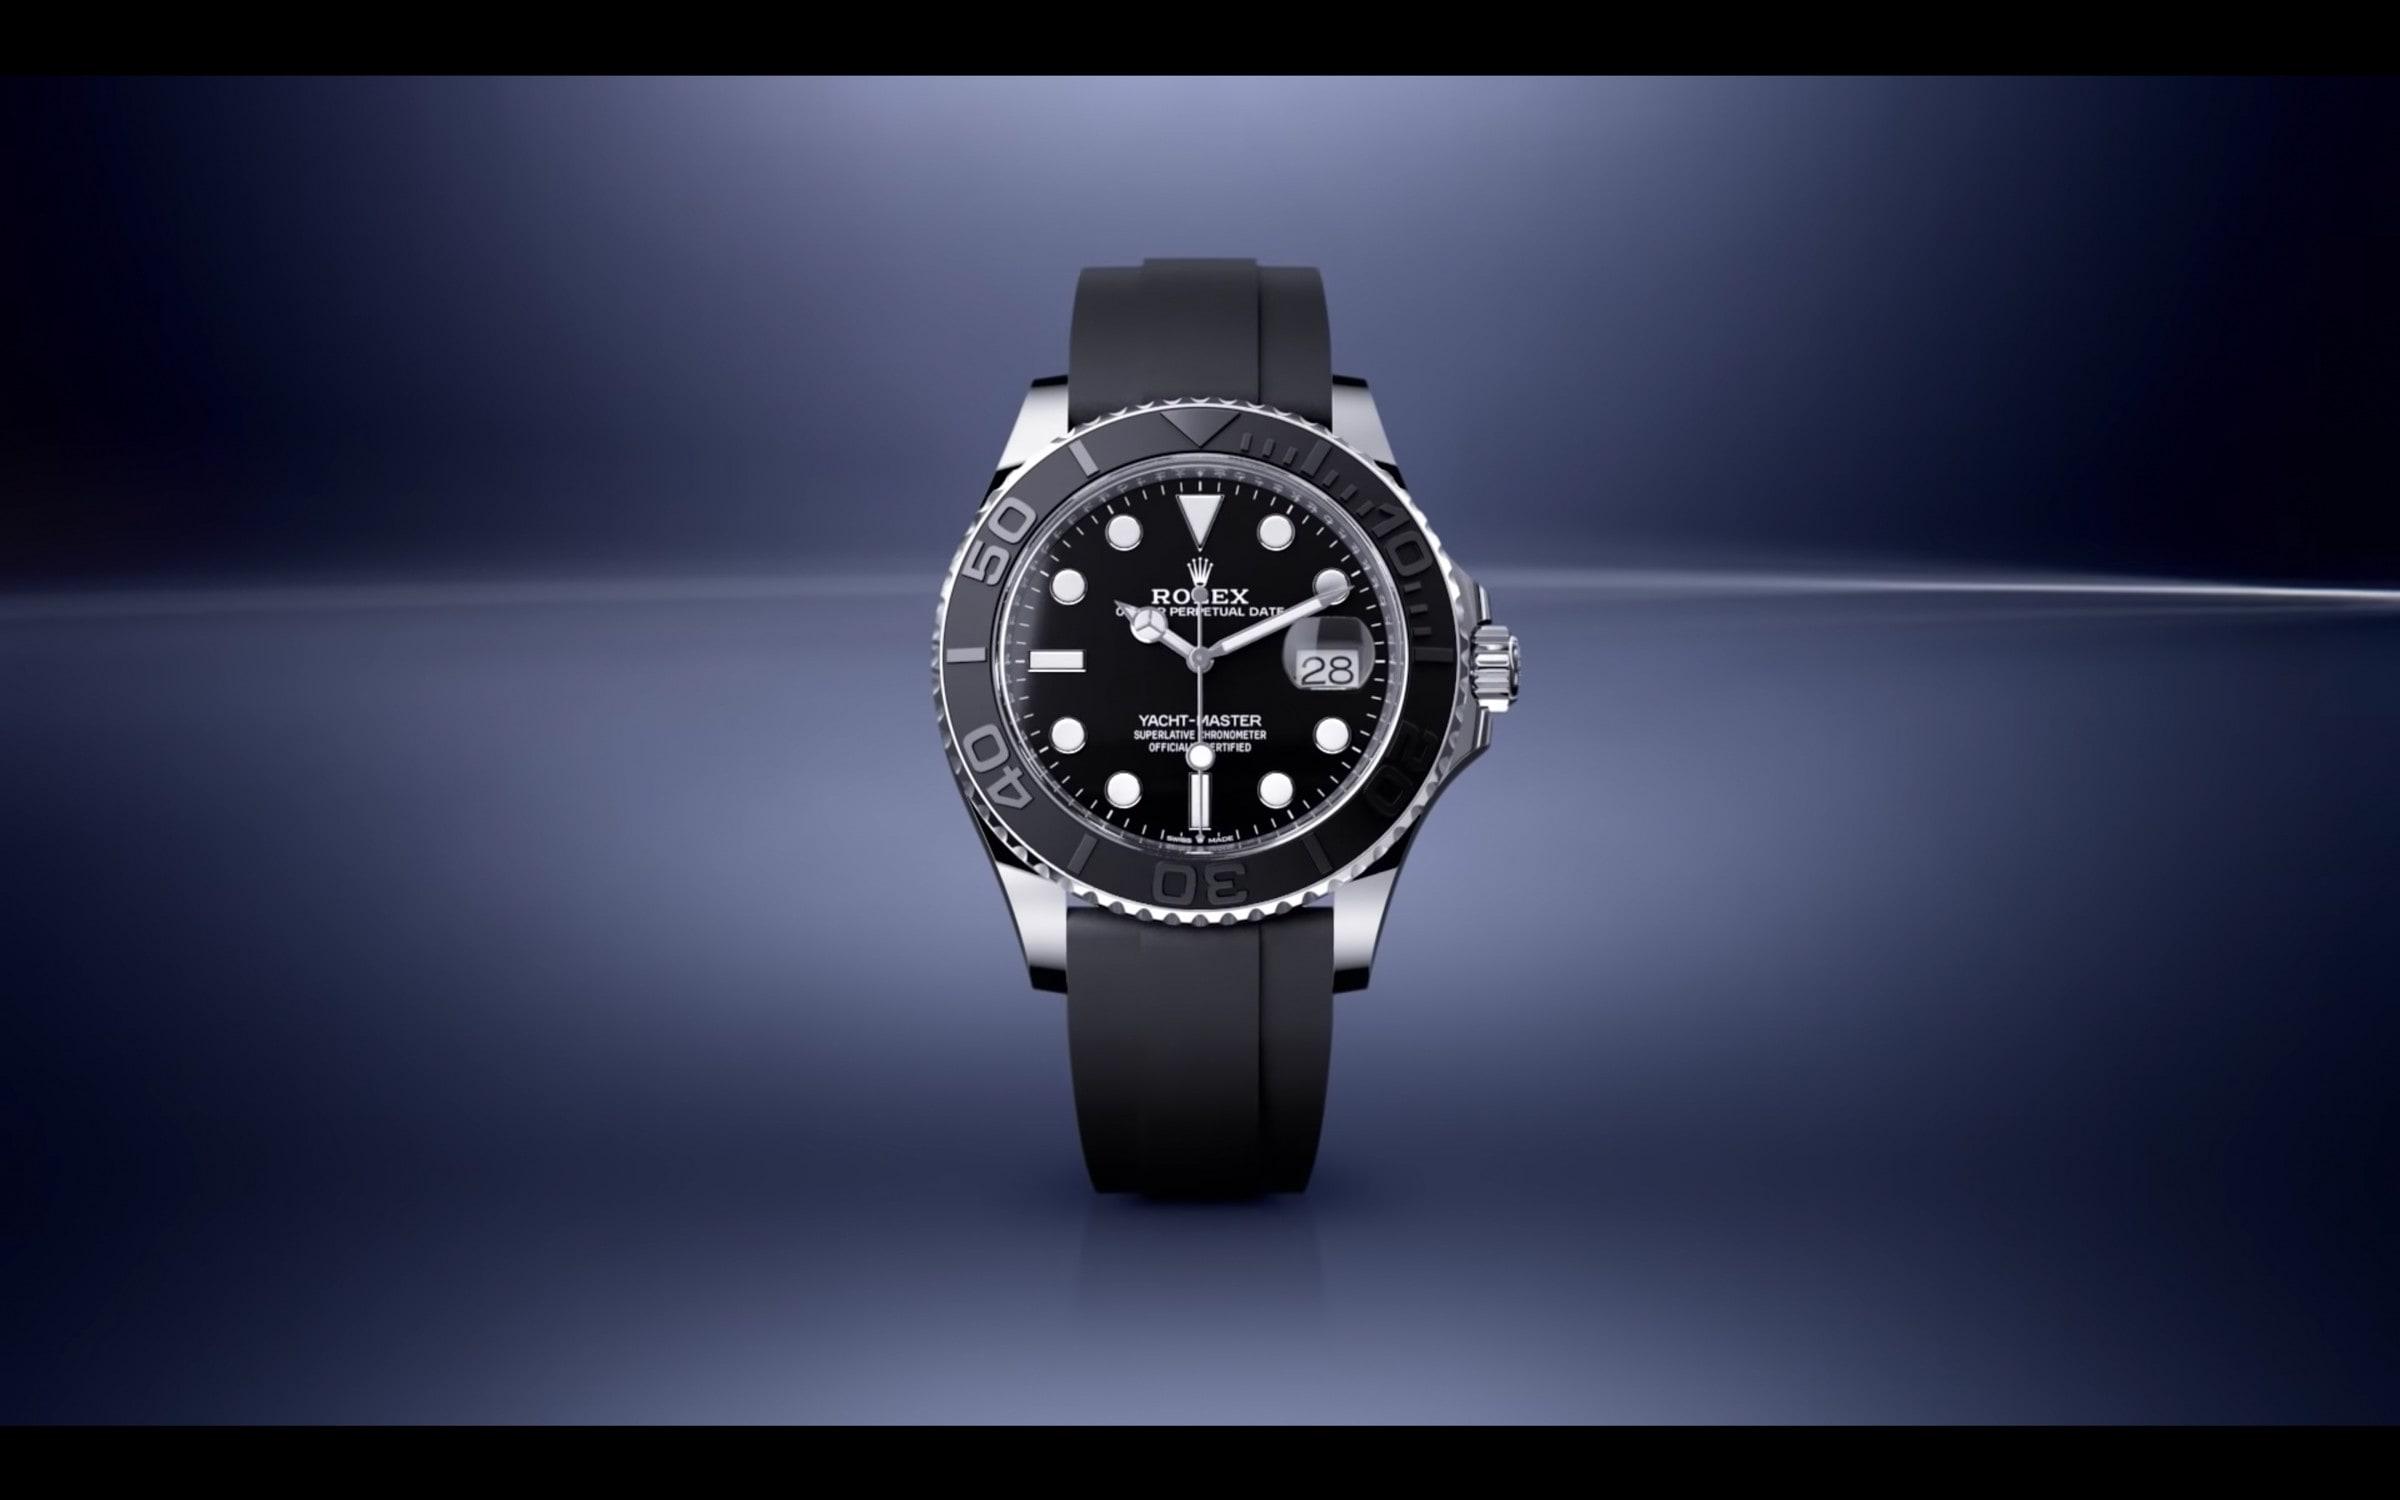 e8fbf0c050 ロレックスが2019年の新作発表 GMT青黒ベゼル新作に注目が集まる